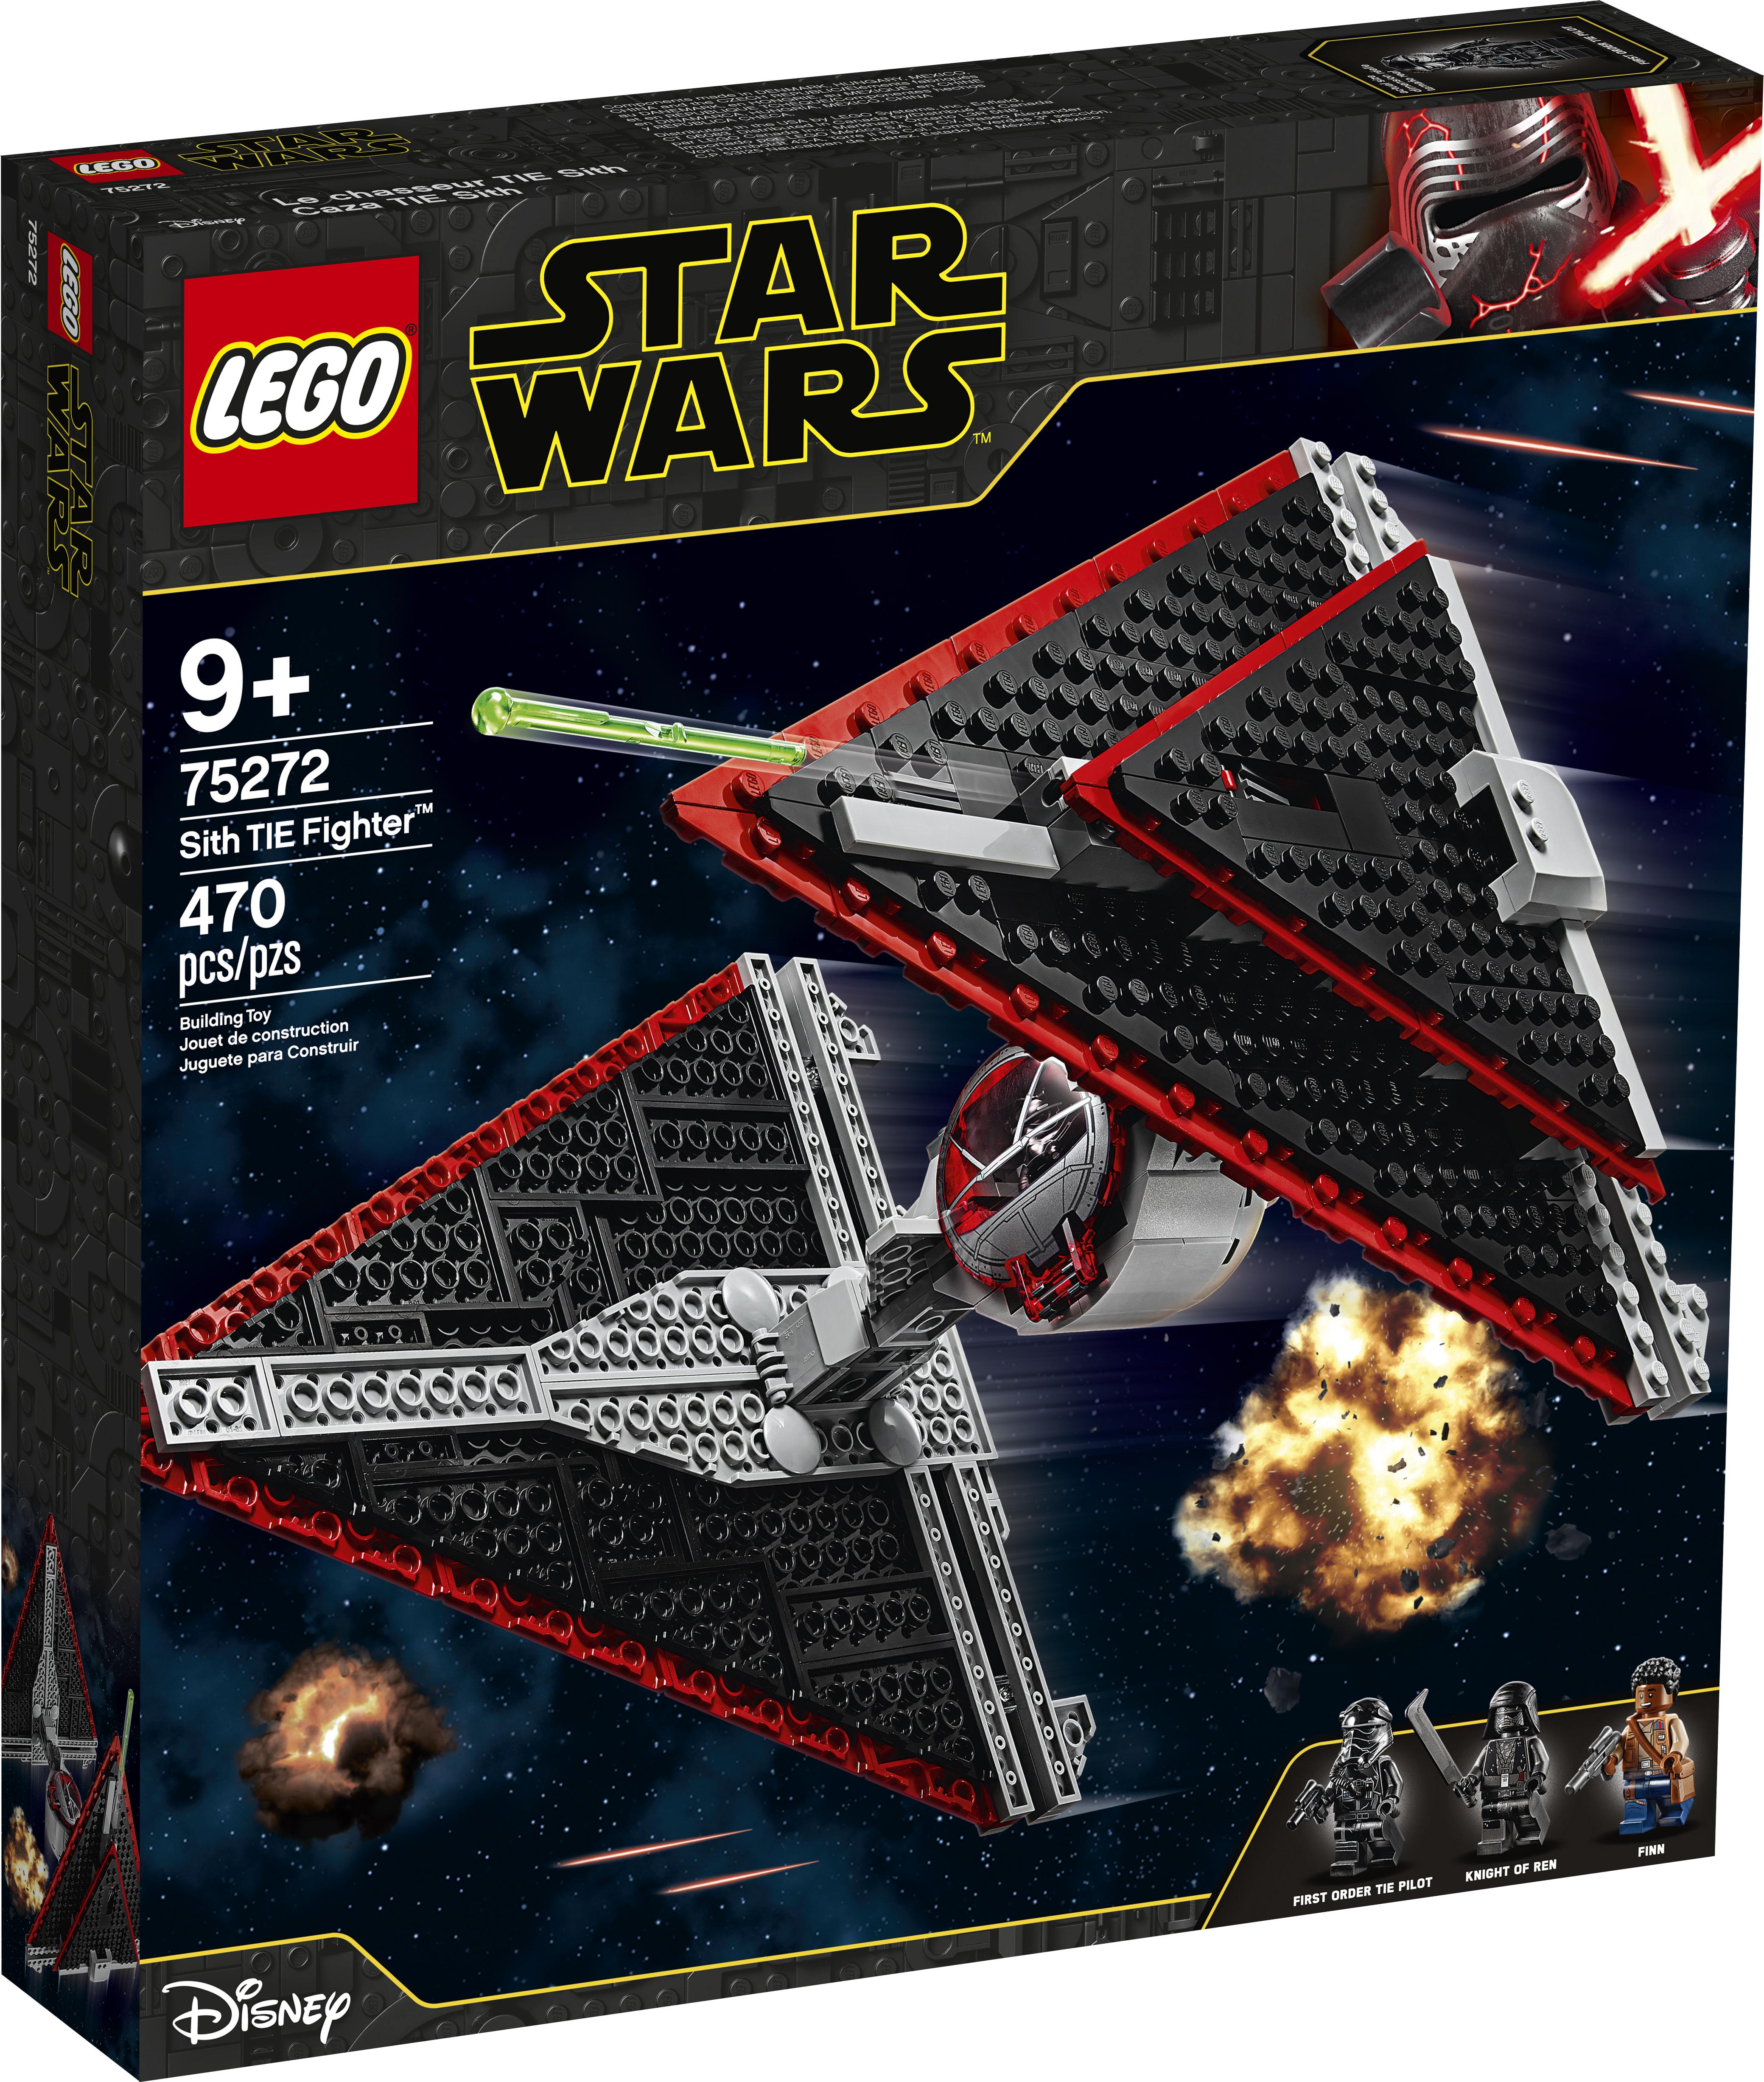 TROS Sith TIE Fighter Lego set 1